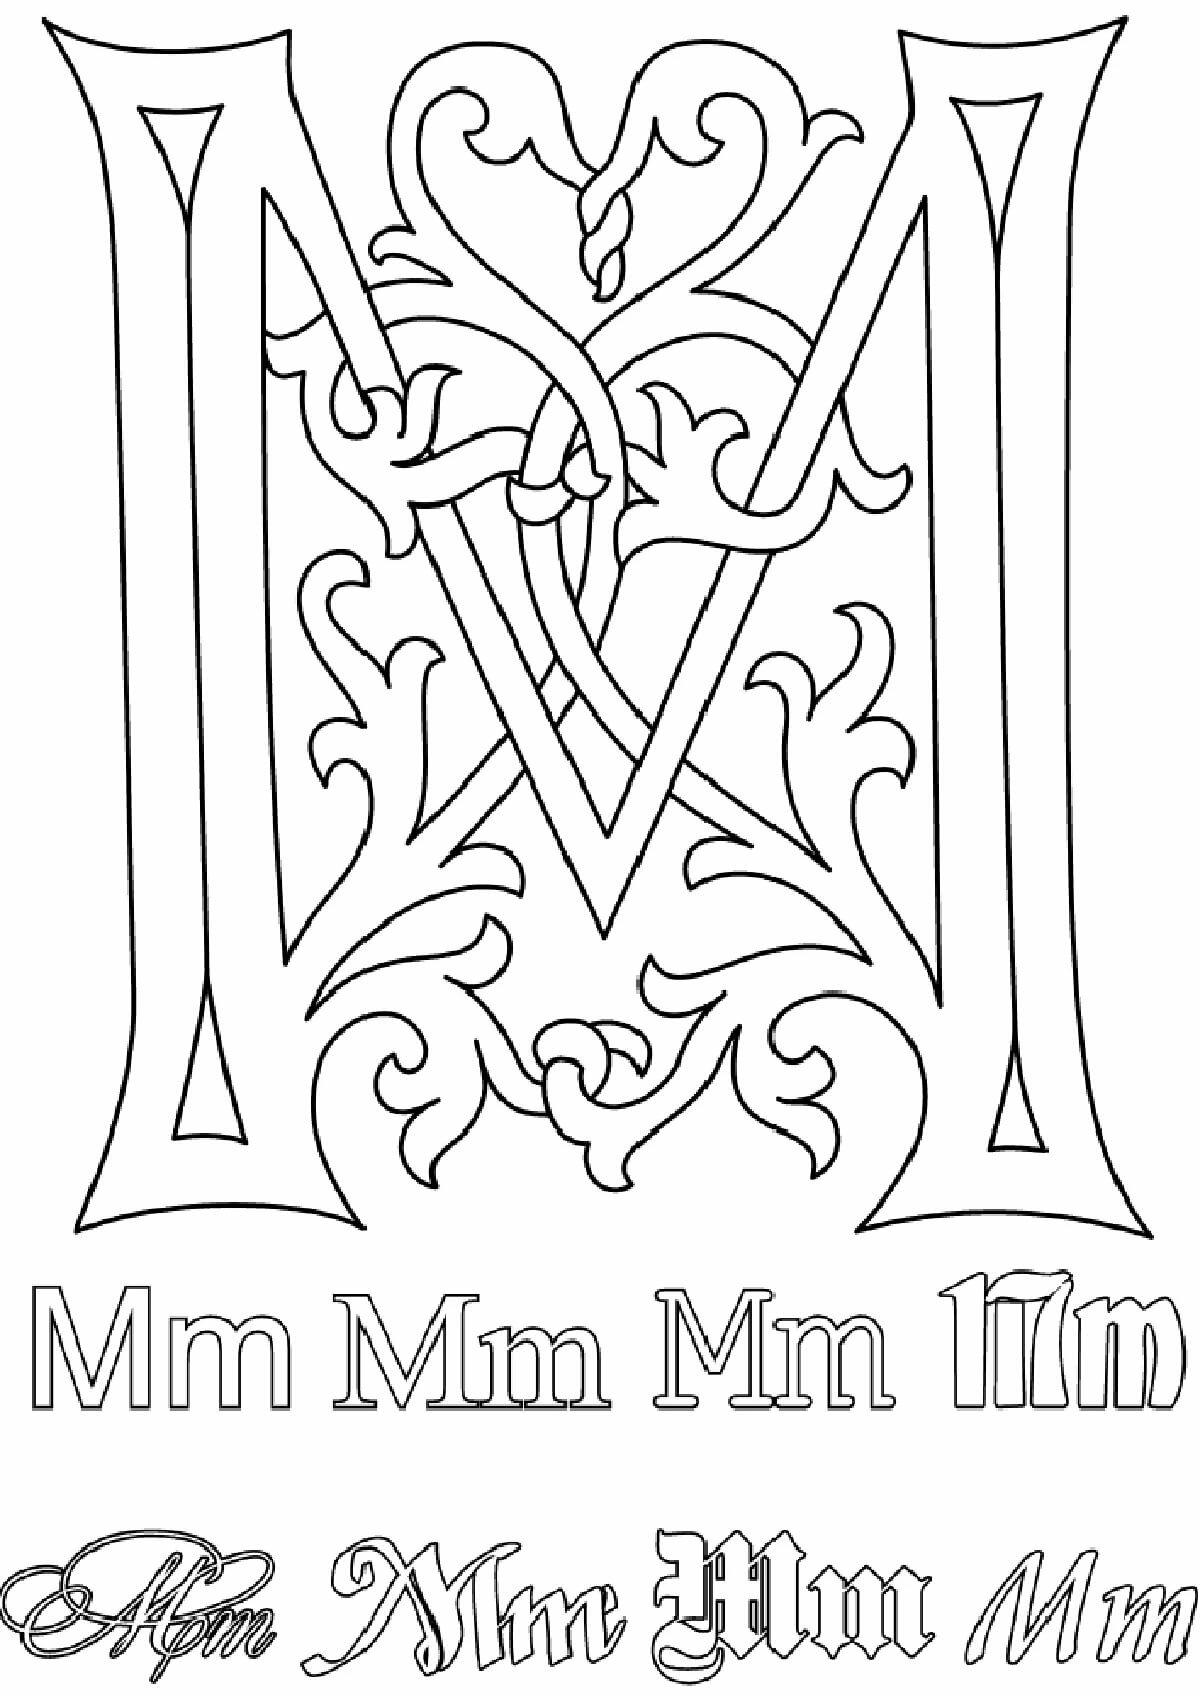 старославянский алфавит картинки для раскрашивания углы